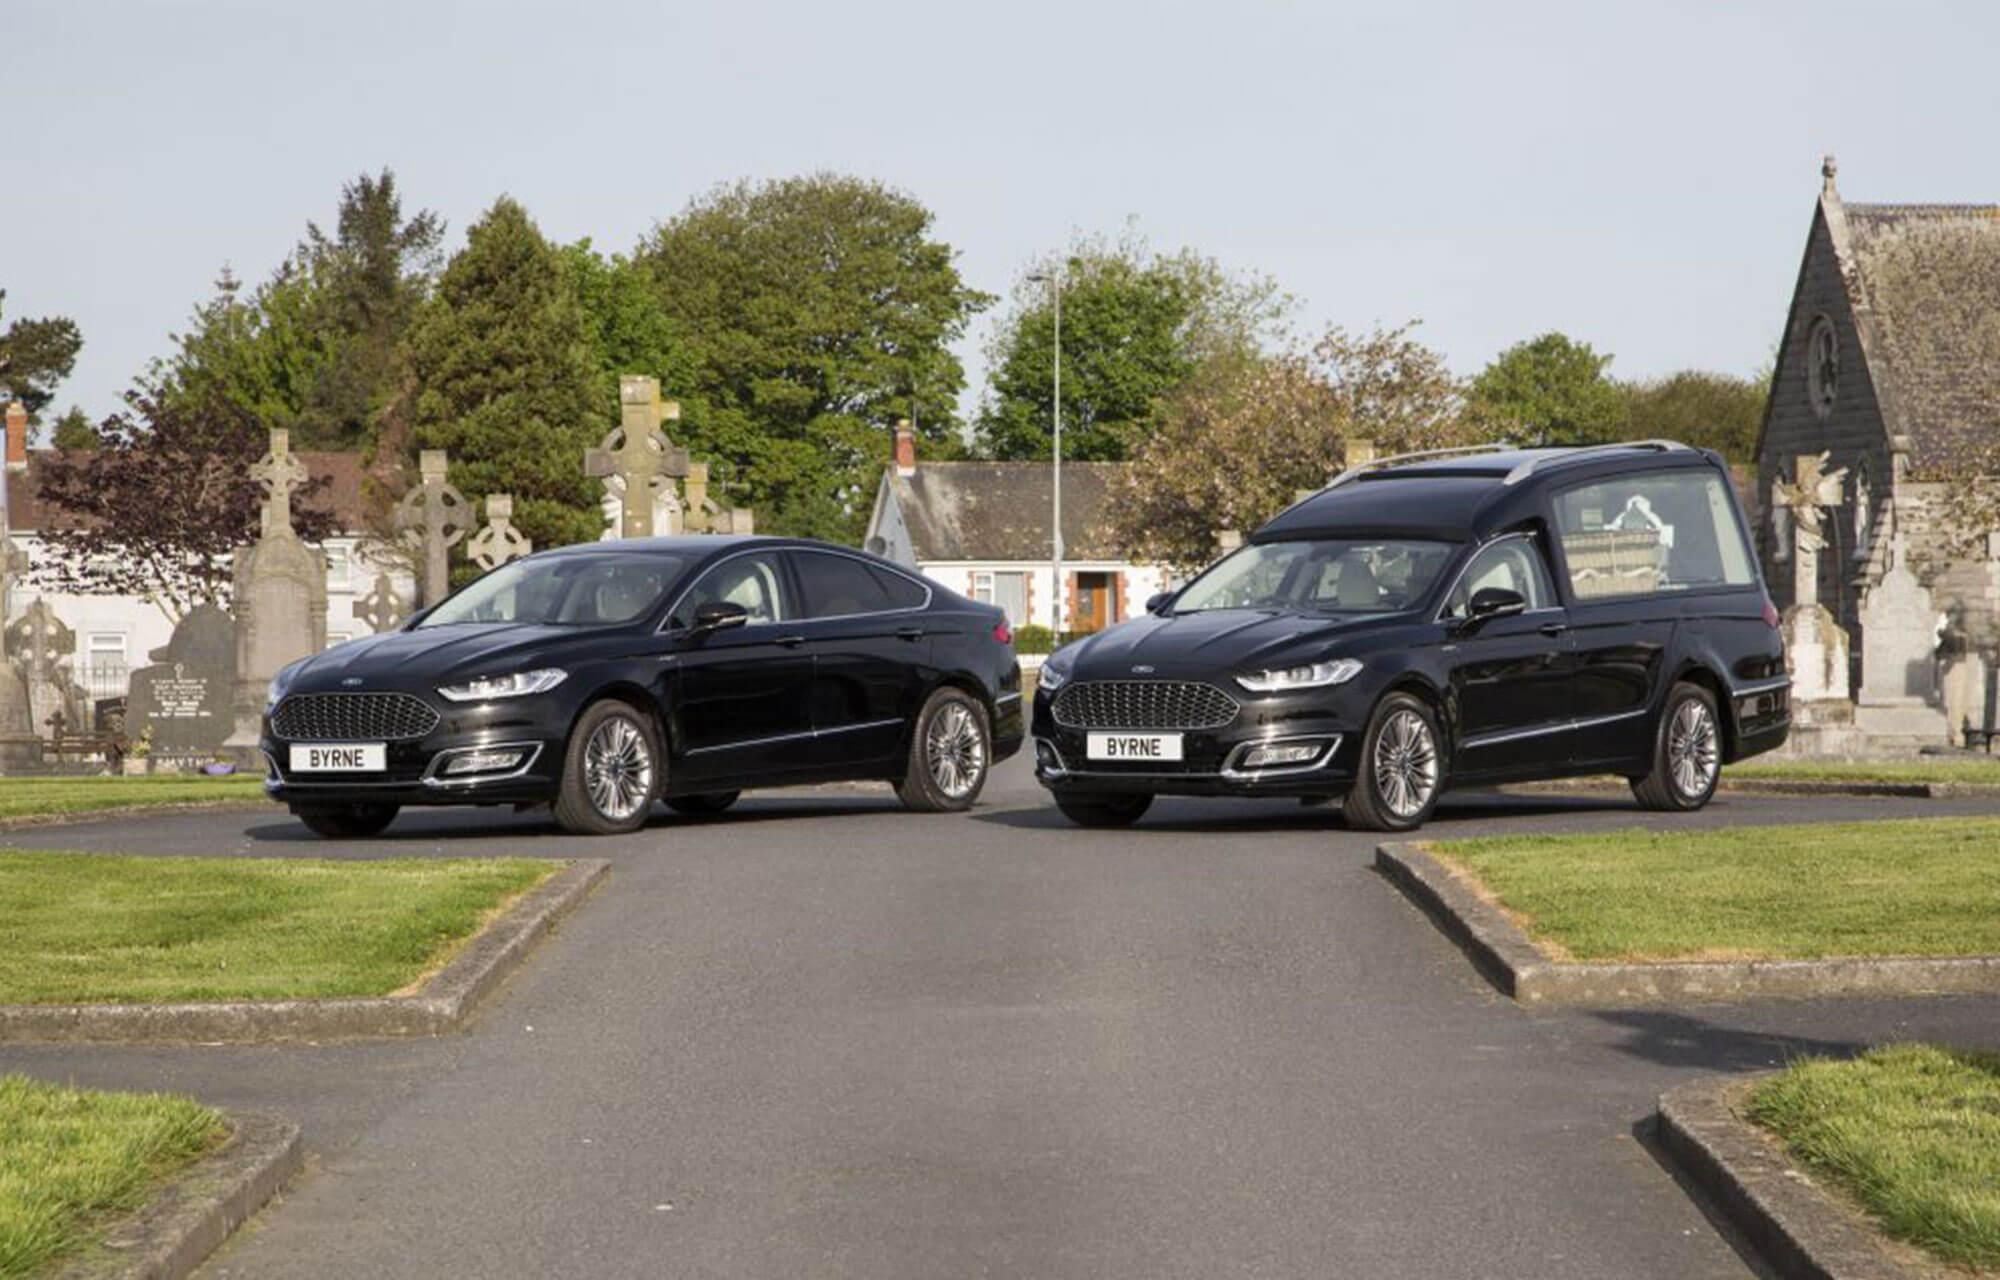 Ireland's First Hybrid Hearse